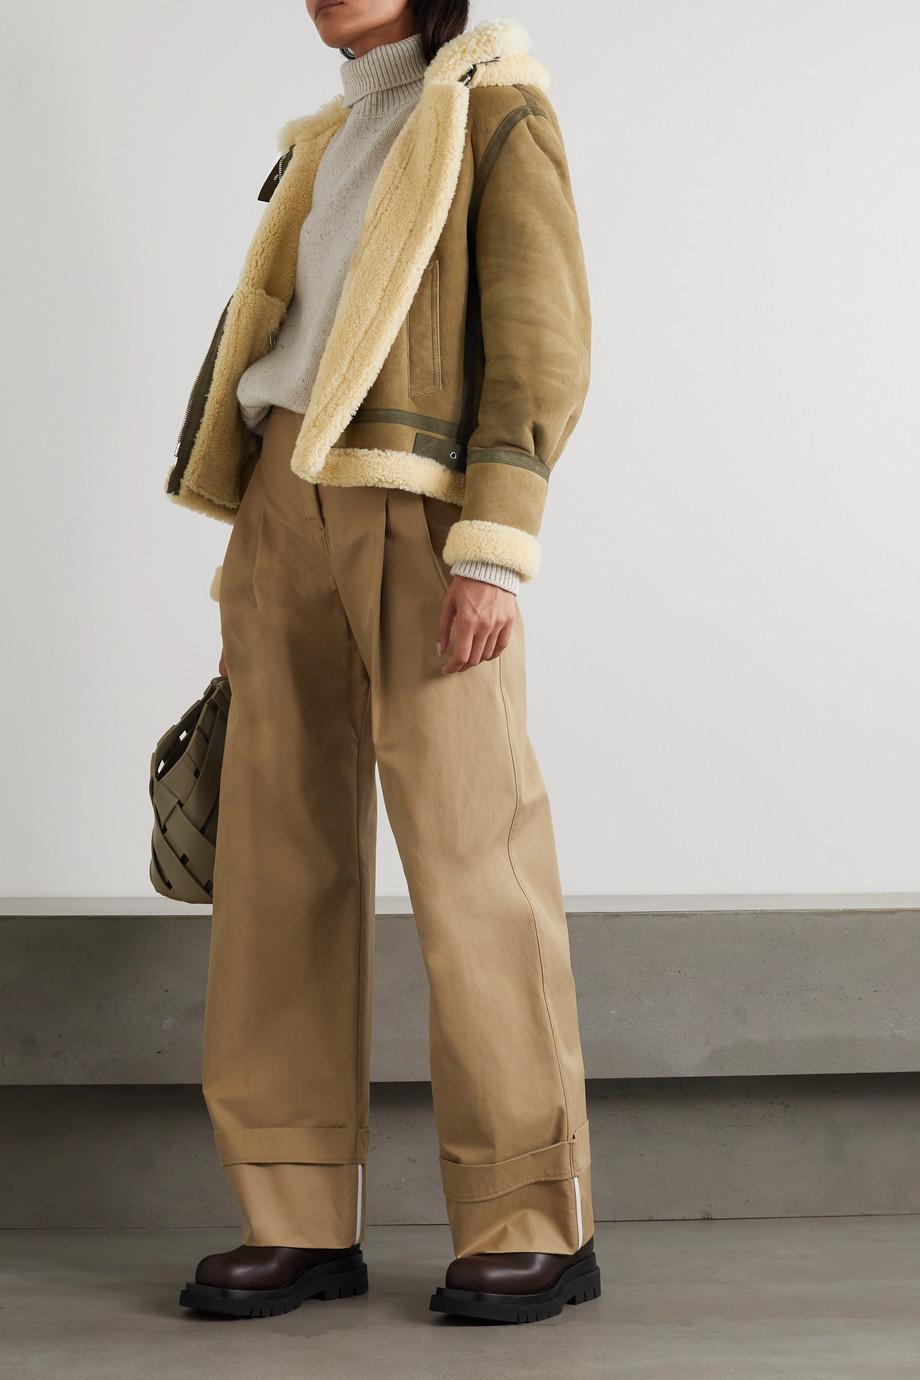 Chloé Veste à capuche en peau lainée à finitions en daim